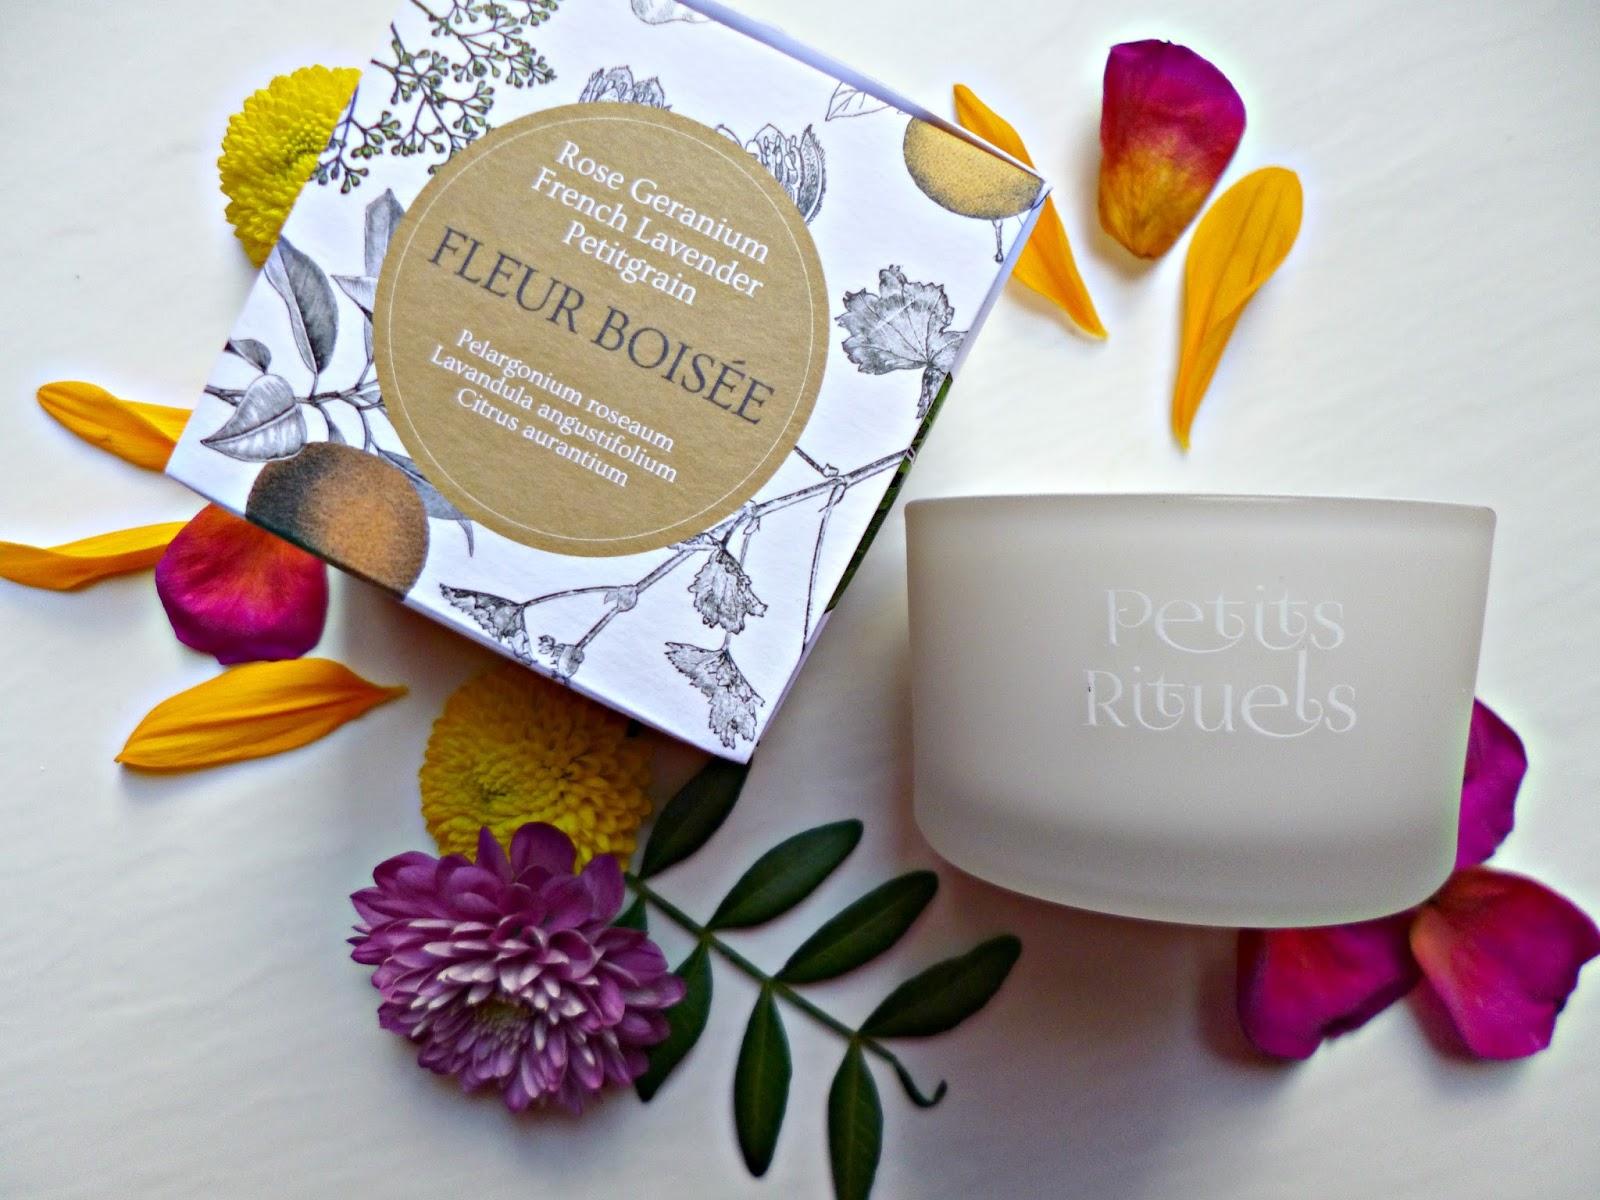 Petits Rituels Fleur Boisée Travel candle